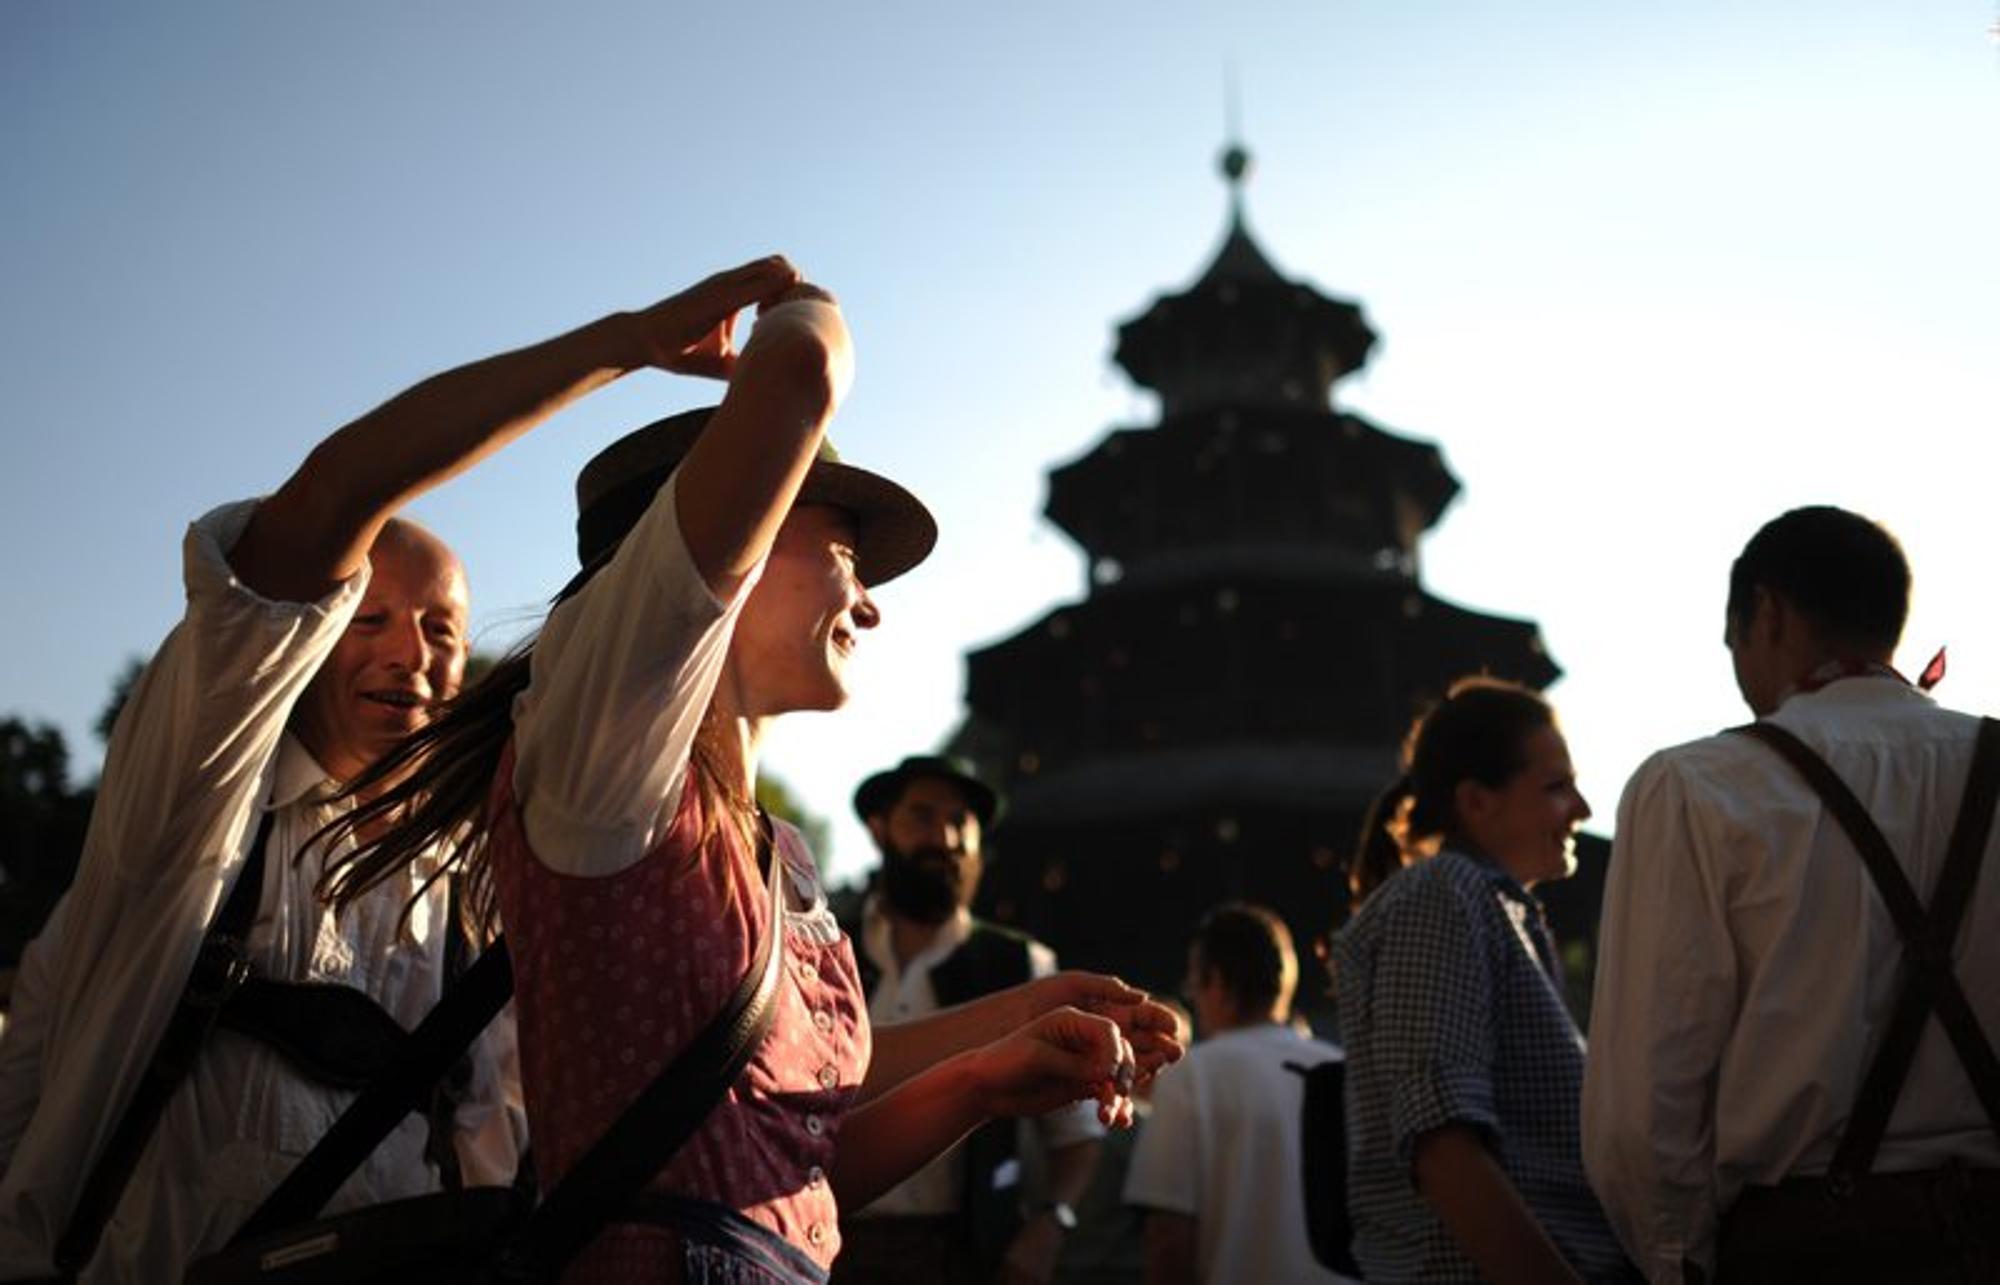 Resultado de imagen de kocherlball chinesischer turm